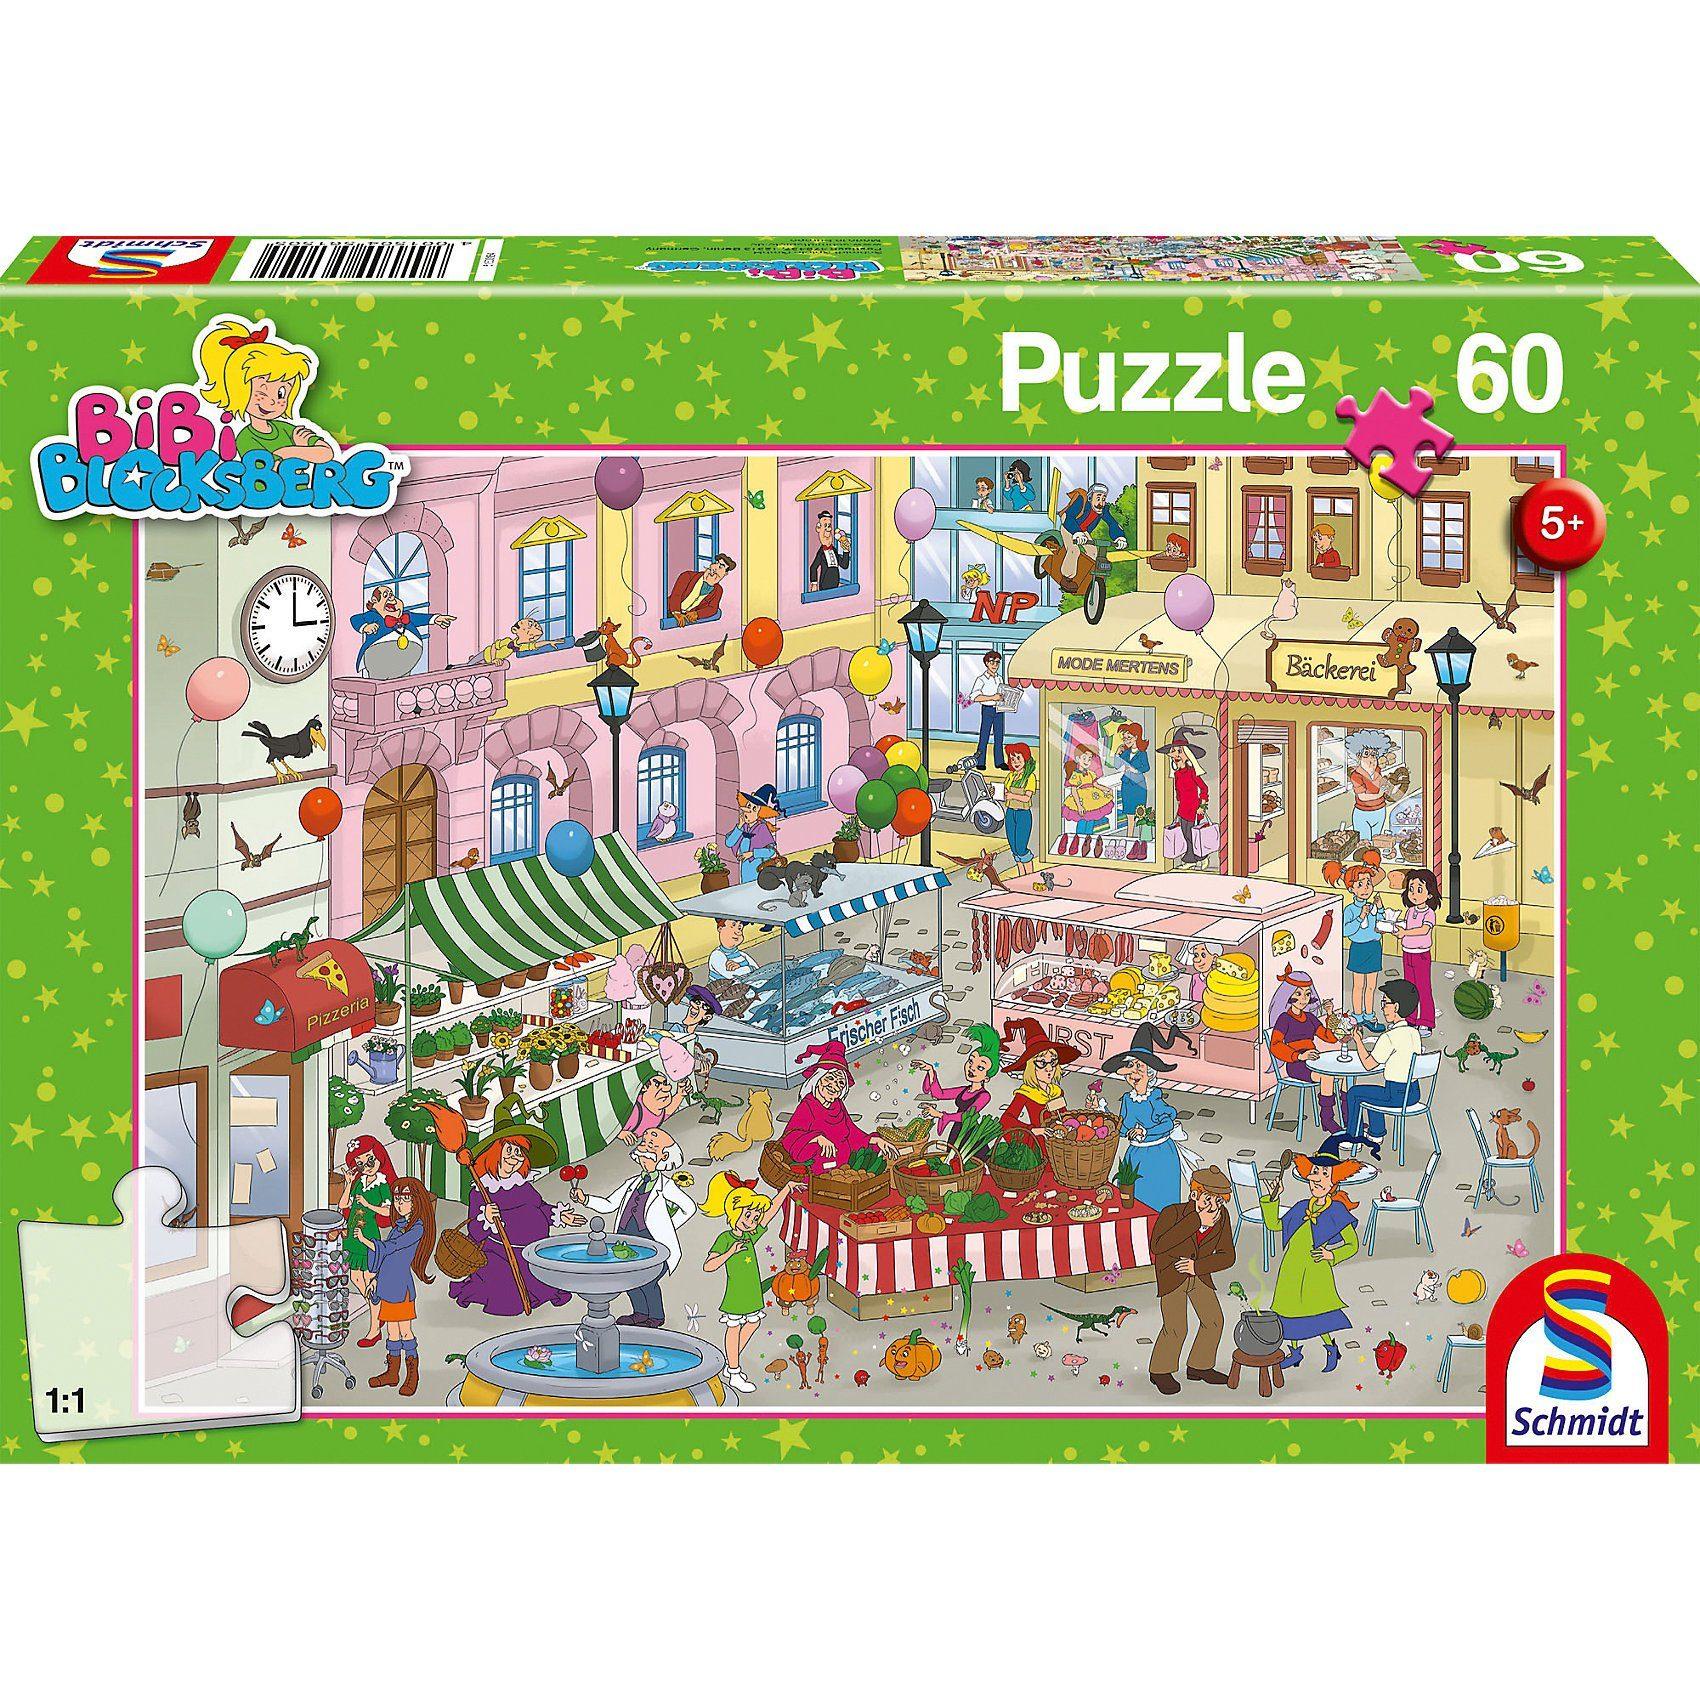 Schmidt Spiele Puzzle Bibi Blocksberg, Bibi und der verhexte Markt, 60 Teil